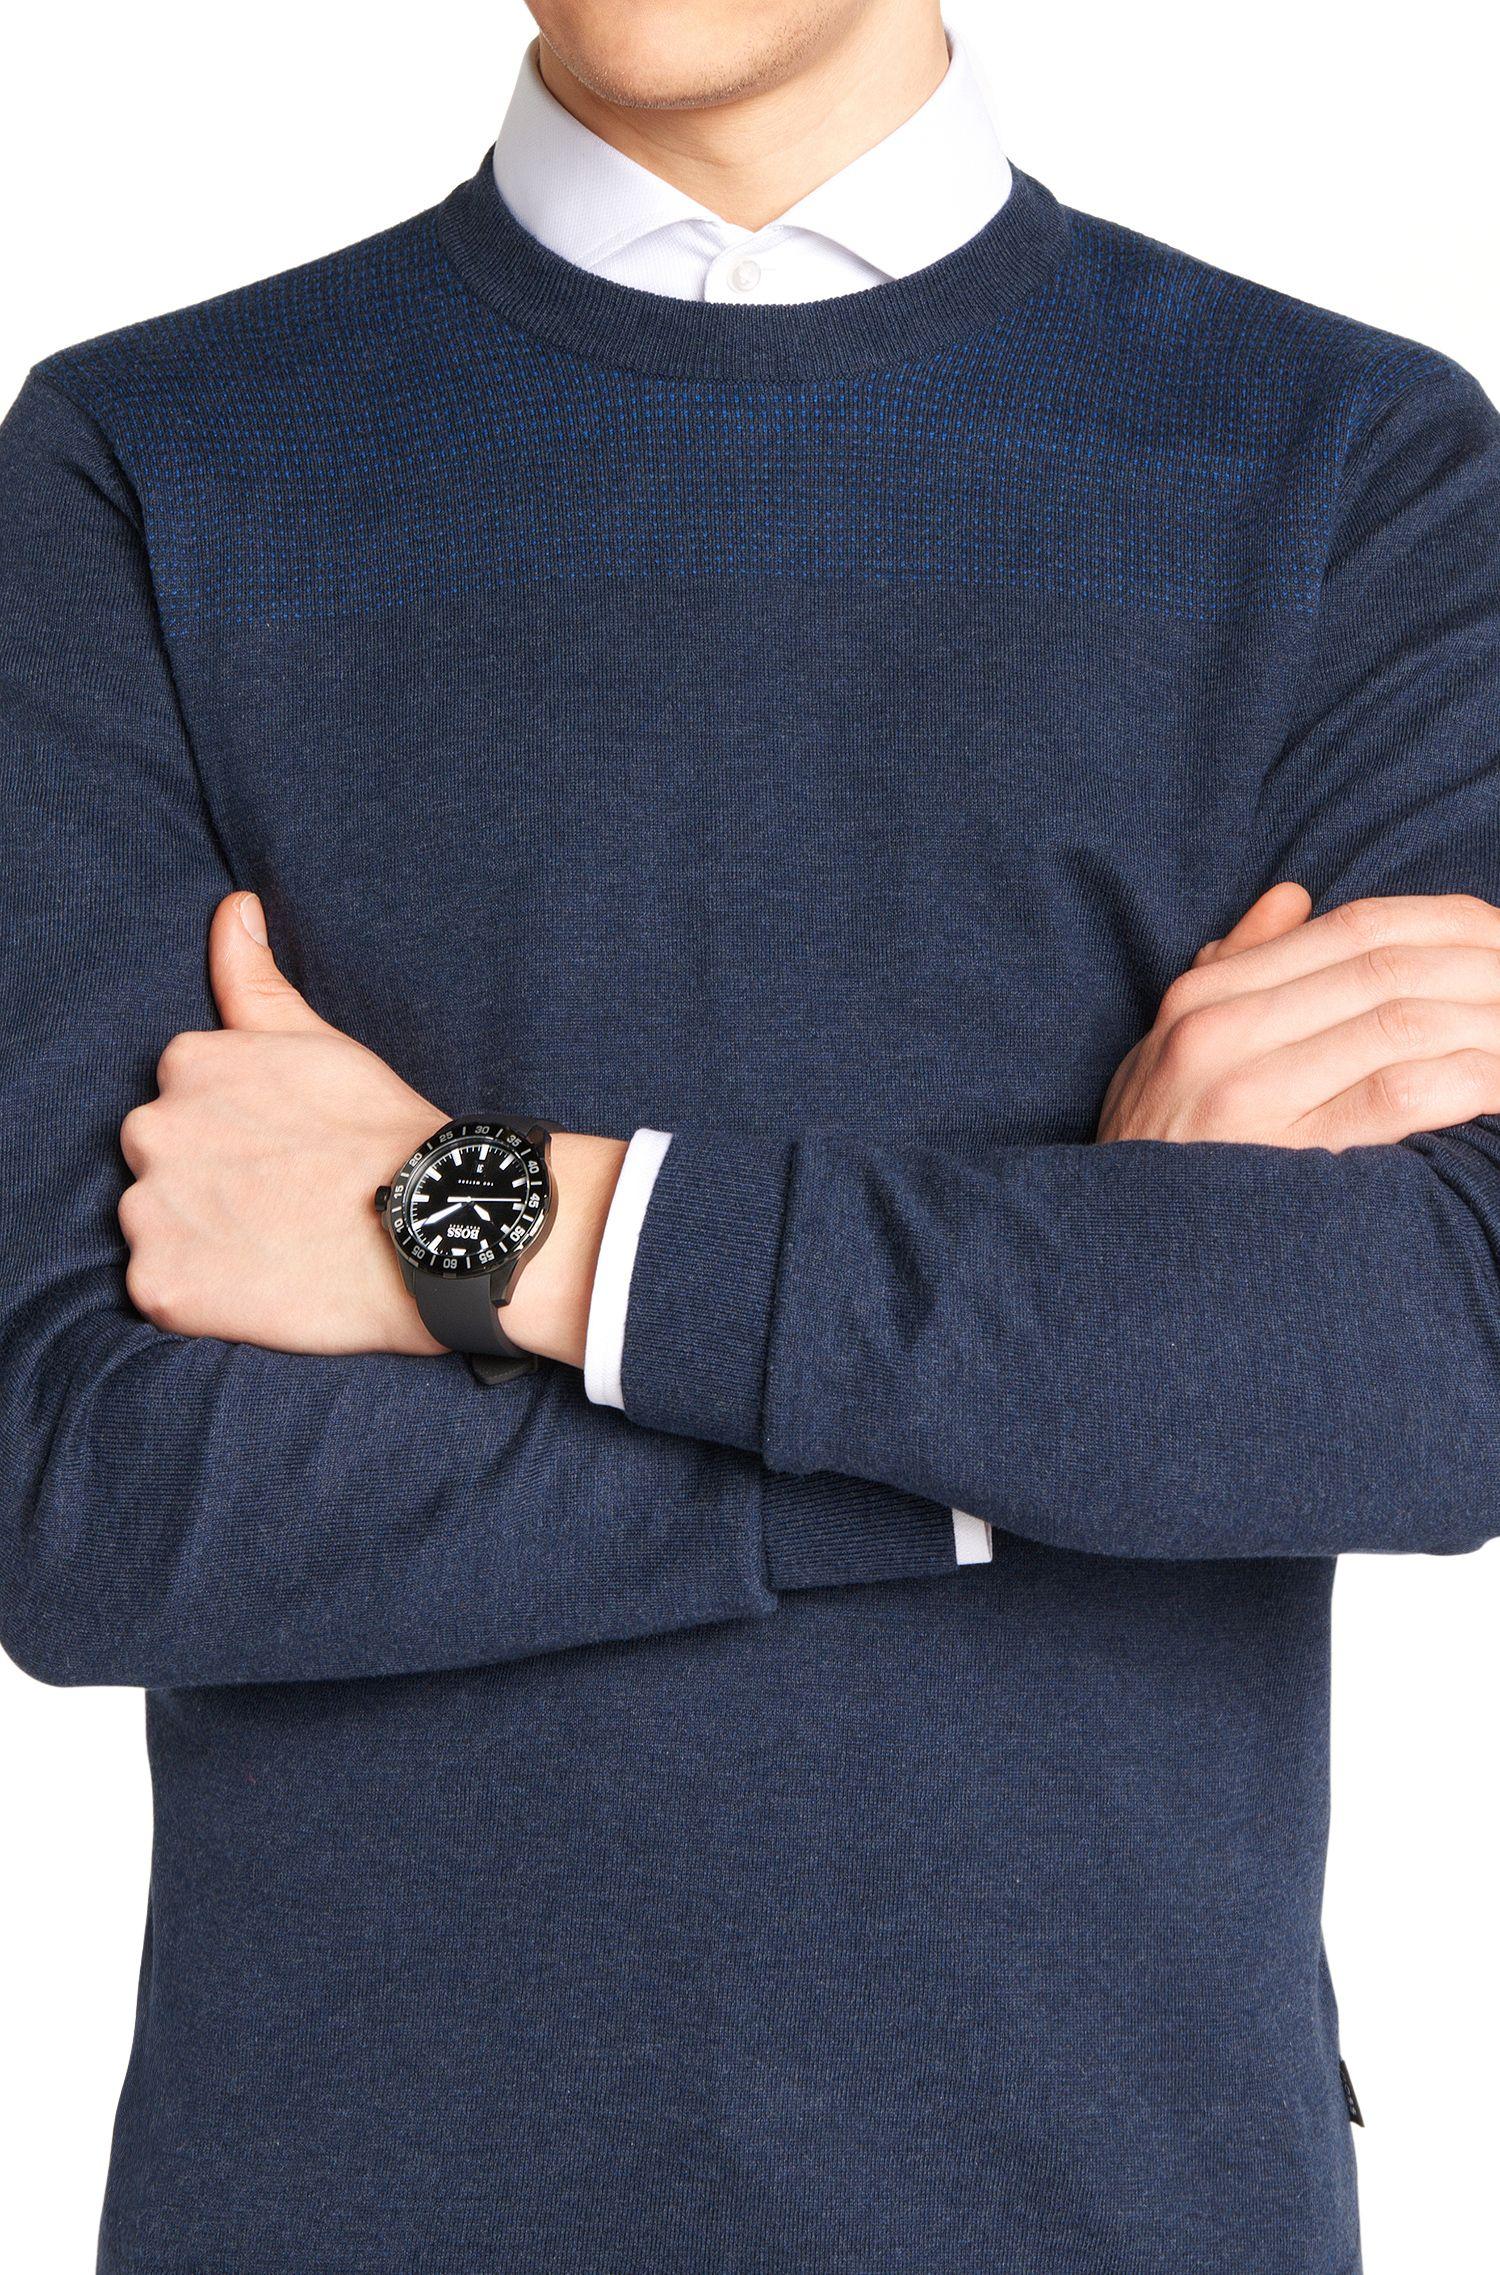 Armbanduhr mit Edelstahlgehäuse und zentraler Sekunde: 'HB2711'